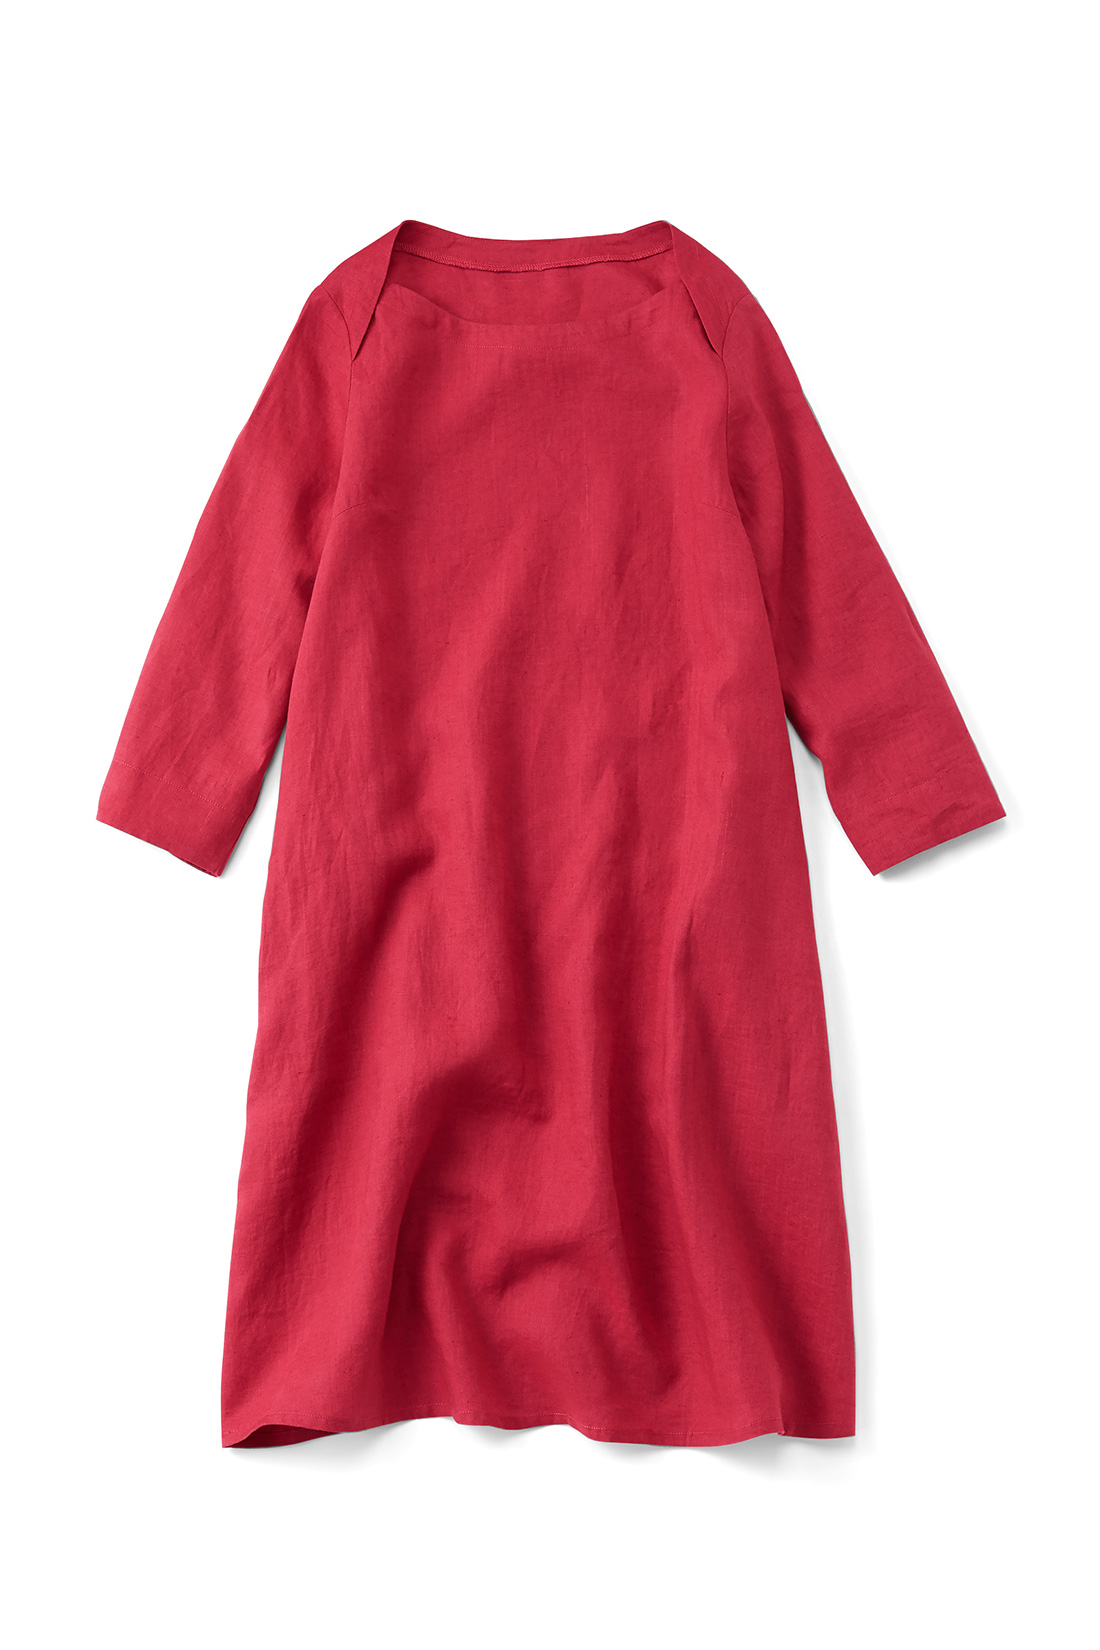 【レッド】肌寒い日はインに長袖Tシャツを着たり、秋冬はタートルで、とオールシーズン大活躍。衿ぐりのデザインも素敵でしょ。